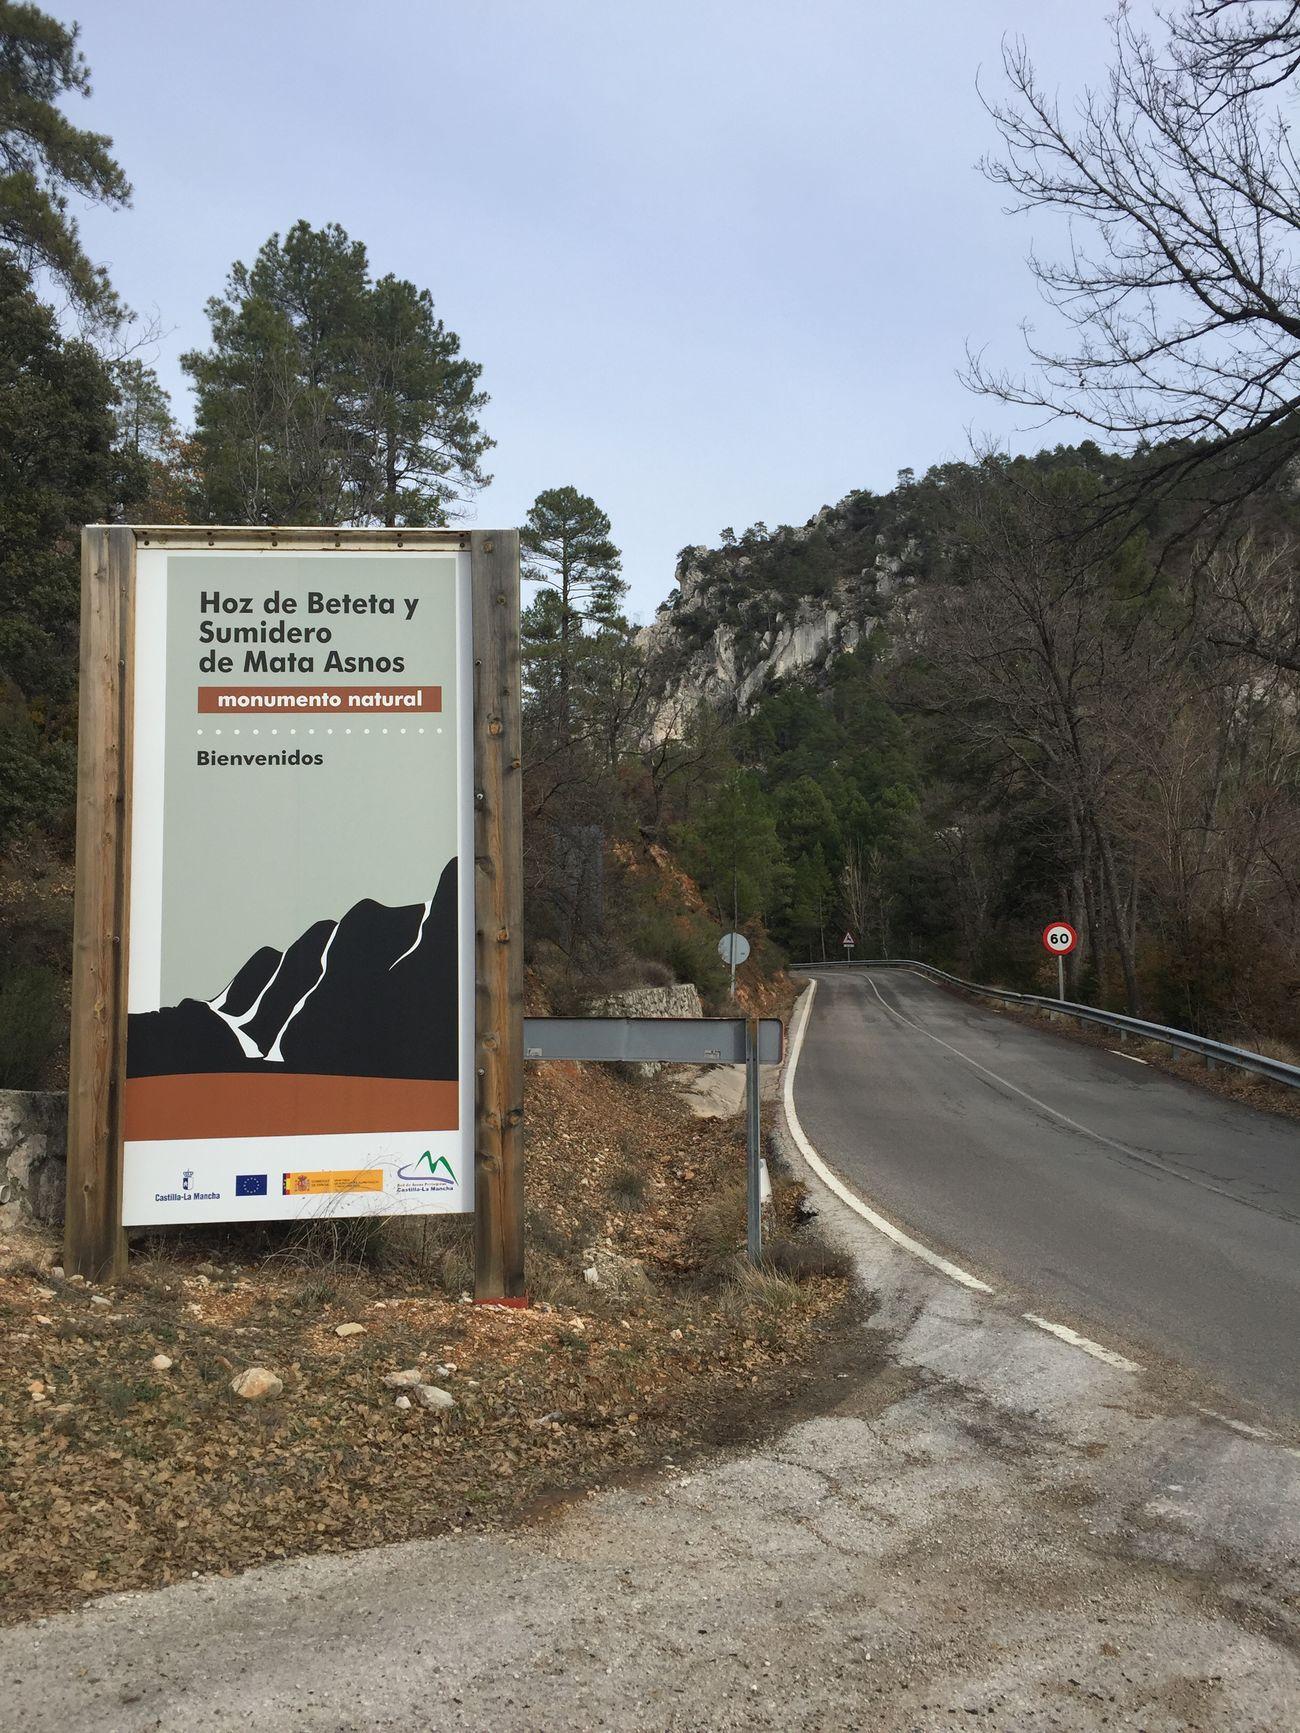 Detodounpoco Puente De Vadillo Cuenca, Spain